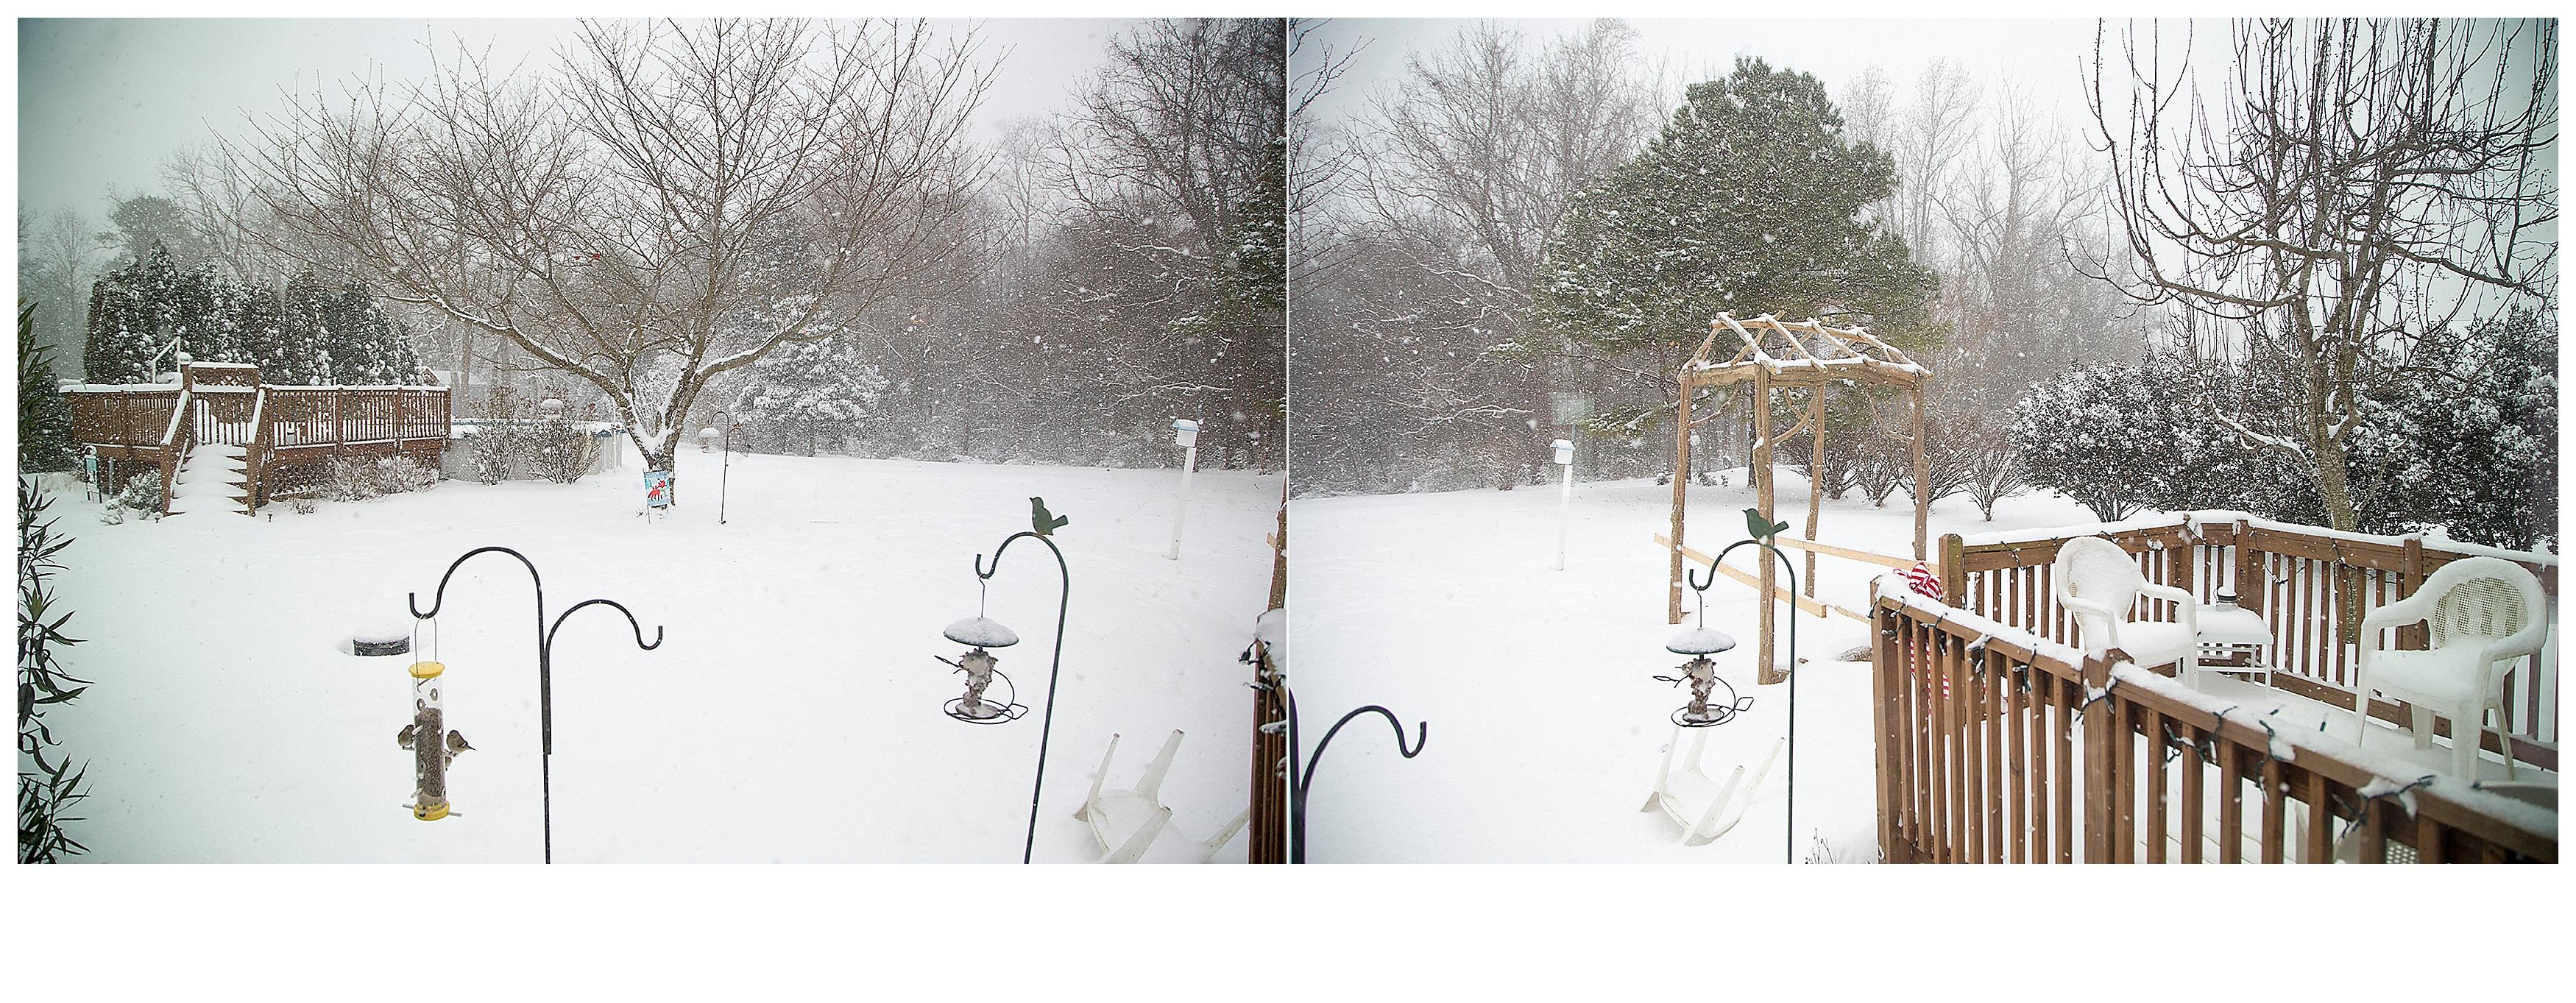 Blizzard_116.jpg